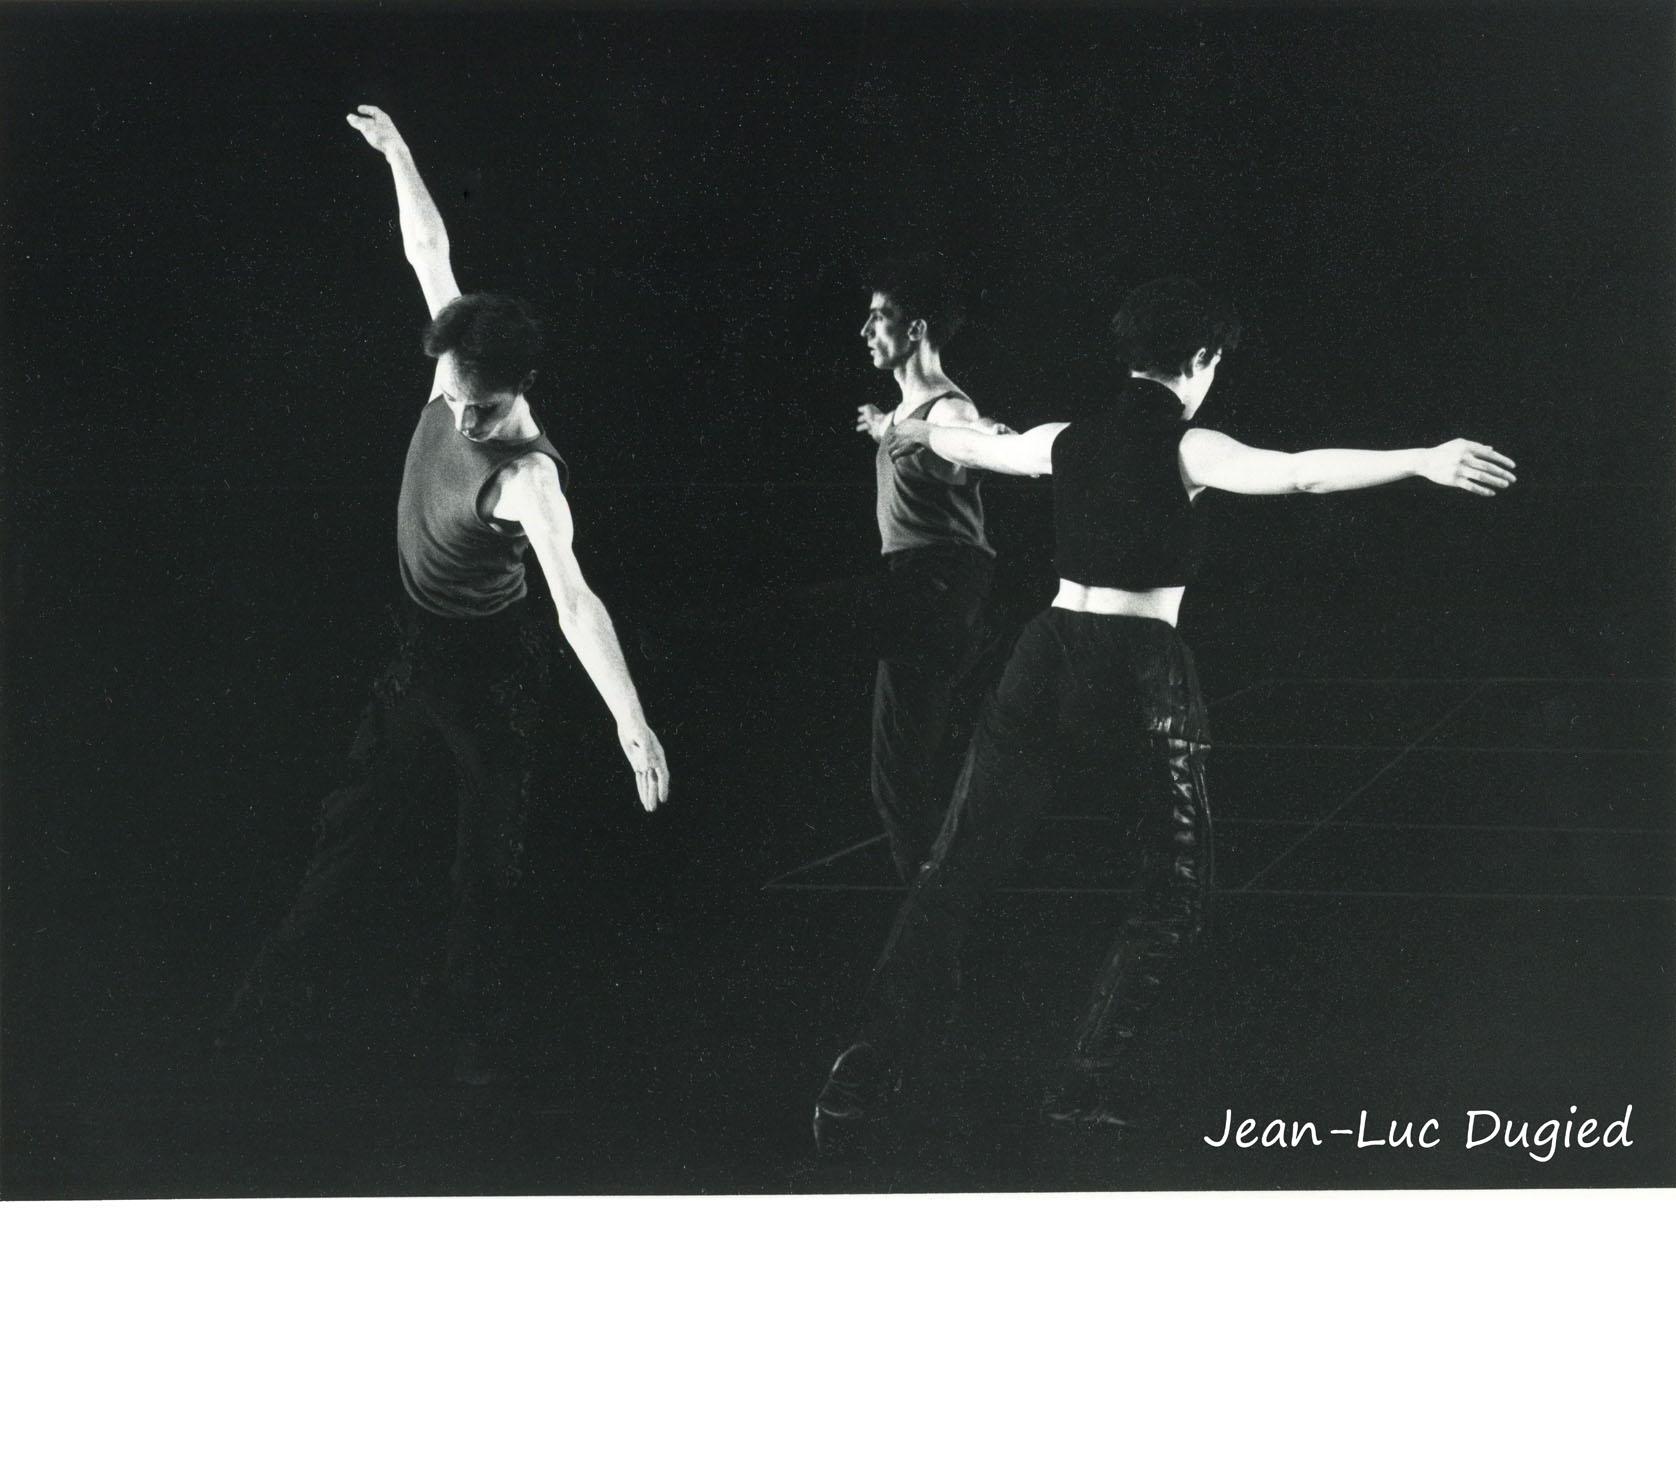 36 Vincent Marc et Dumeix Jeannette - danses protégées pour réserve artificielle - avec Jean-Christophe Bocle et Hélène Desplat - 1986